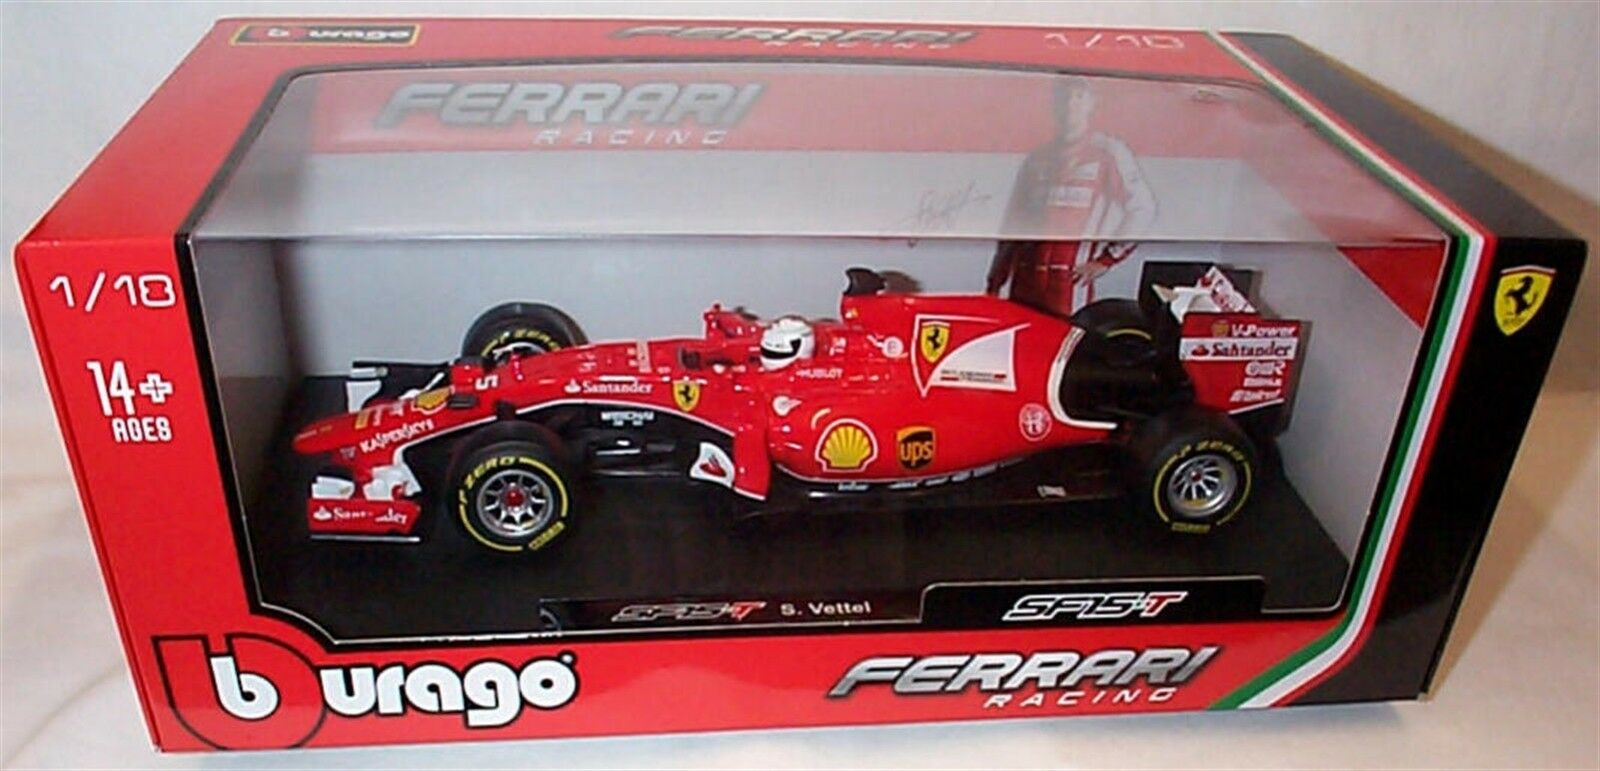 suministro de productos de calidad SF15-T SF15-T SF15-T S. Vettel Ferrari Racing F1 Nuevo En Caja Escala 1-18  están haciendo actividades de descuento